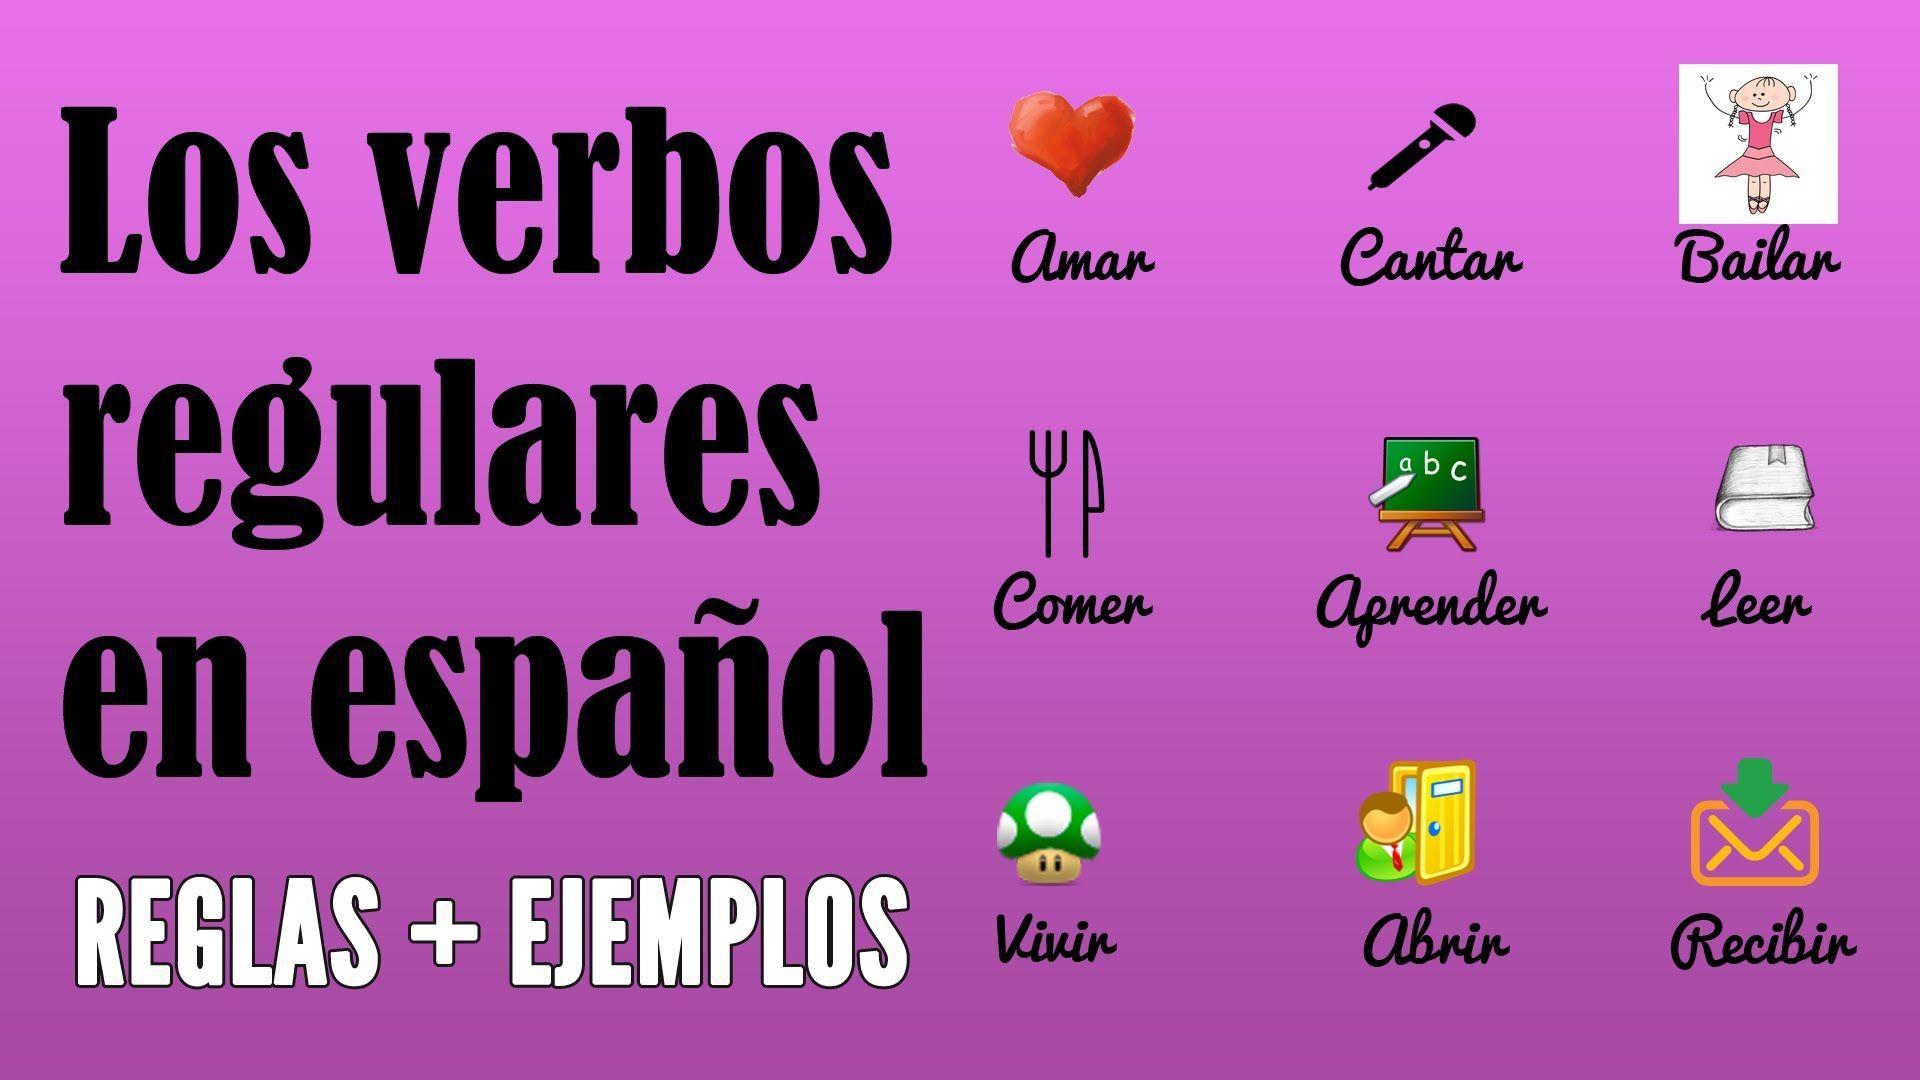 Como Conjugar Los Verbos Regulares En Espanol En El